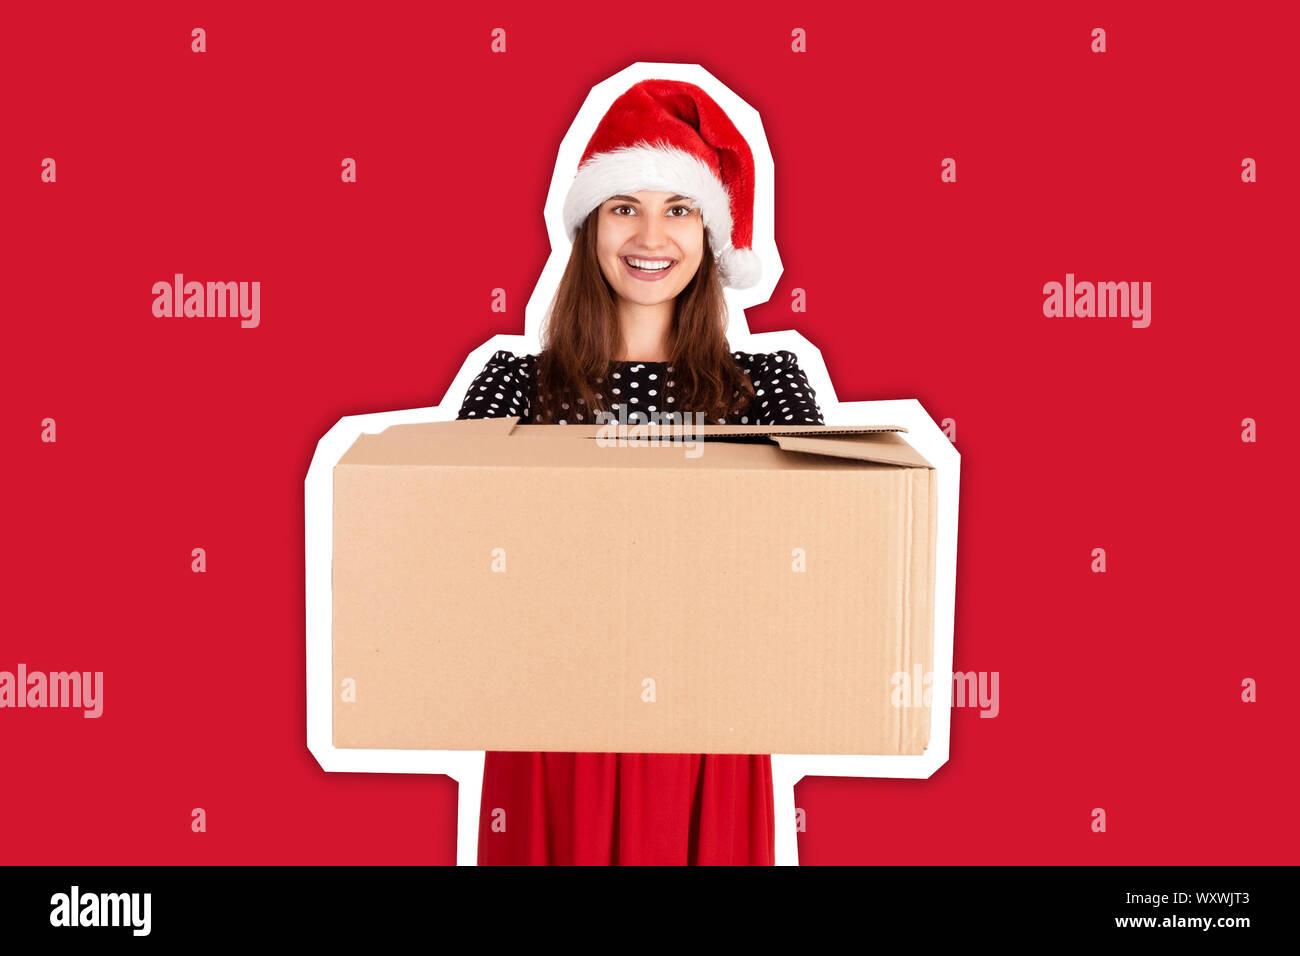 Happy happy girl in christmas hat donnant un grand carton présent avec ruban bleu. Collage Magazine style avec un fond de couleur à la mode des vacances d'hiver. Banque D'Images